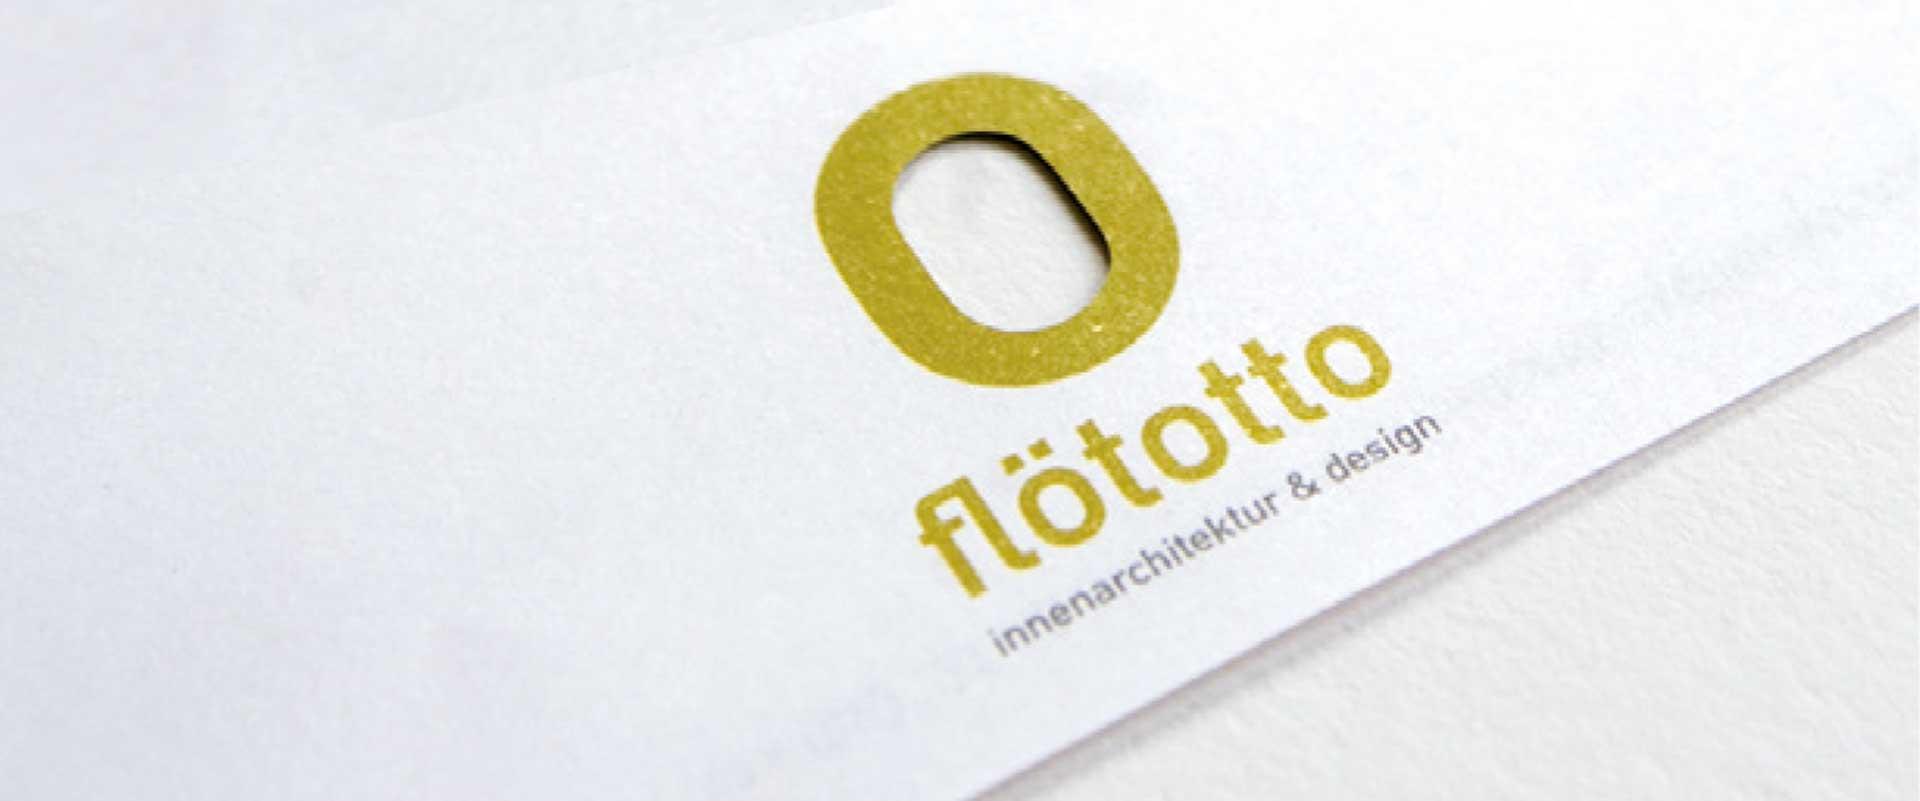 logo Entwicklung für floetotto von designagentur hamburg